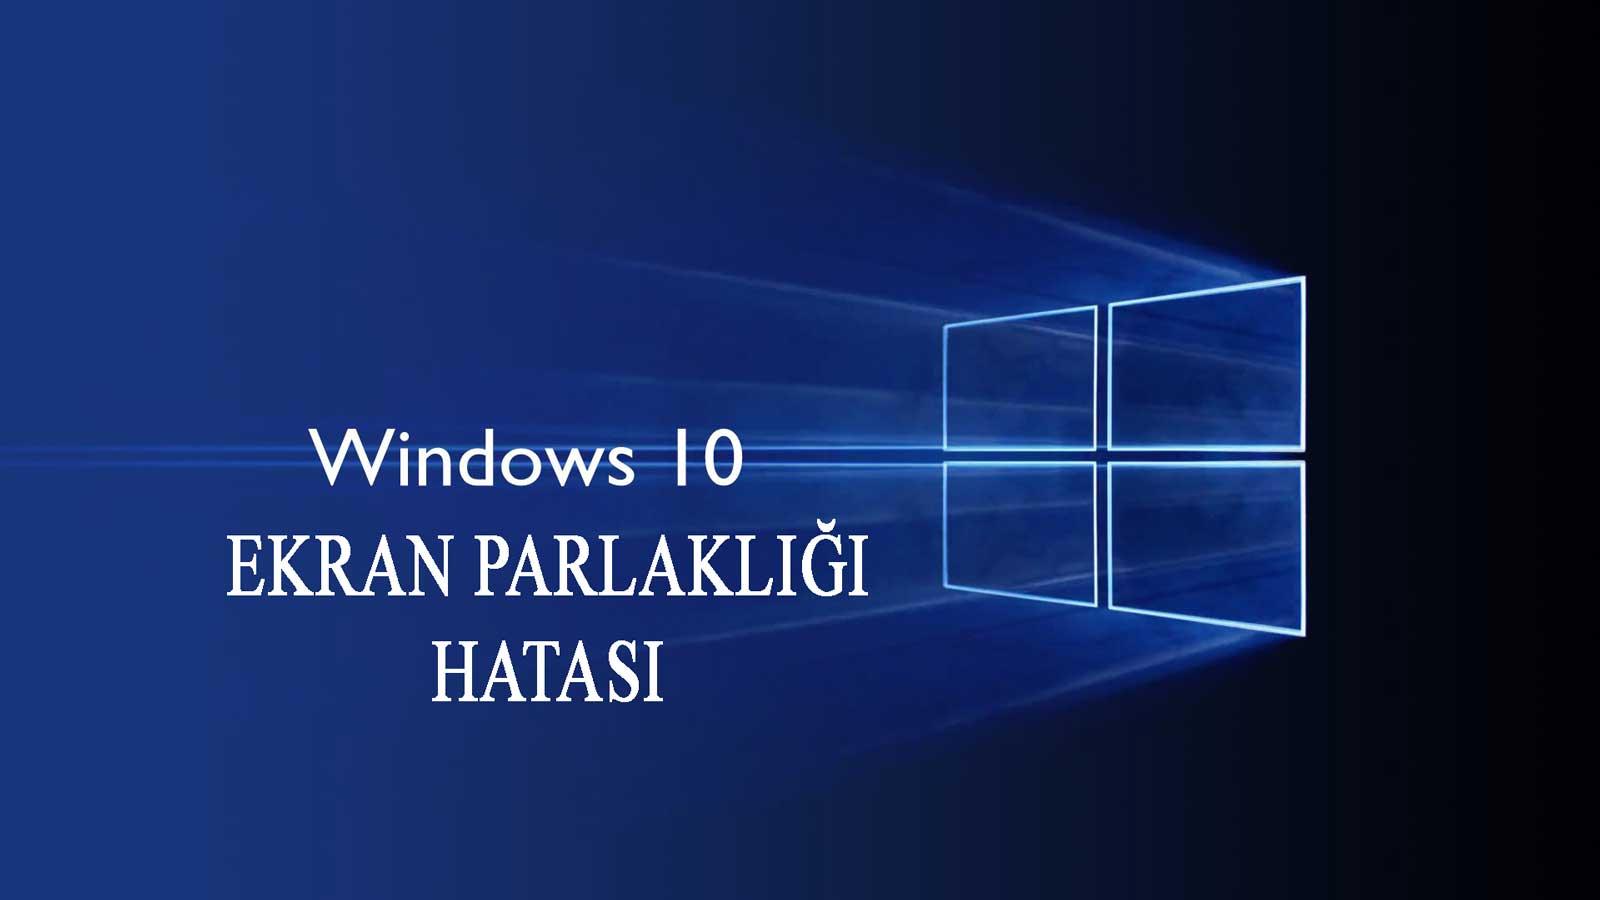 Windows 10 Ekran Parlaklık Sorunu Windows 10 Ekran Parlaklık Windows 10 Ekran Parlaklık Sorunu windows 10 ekran parlakligi